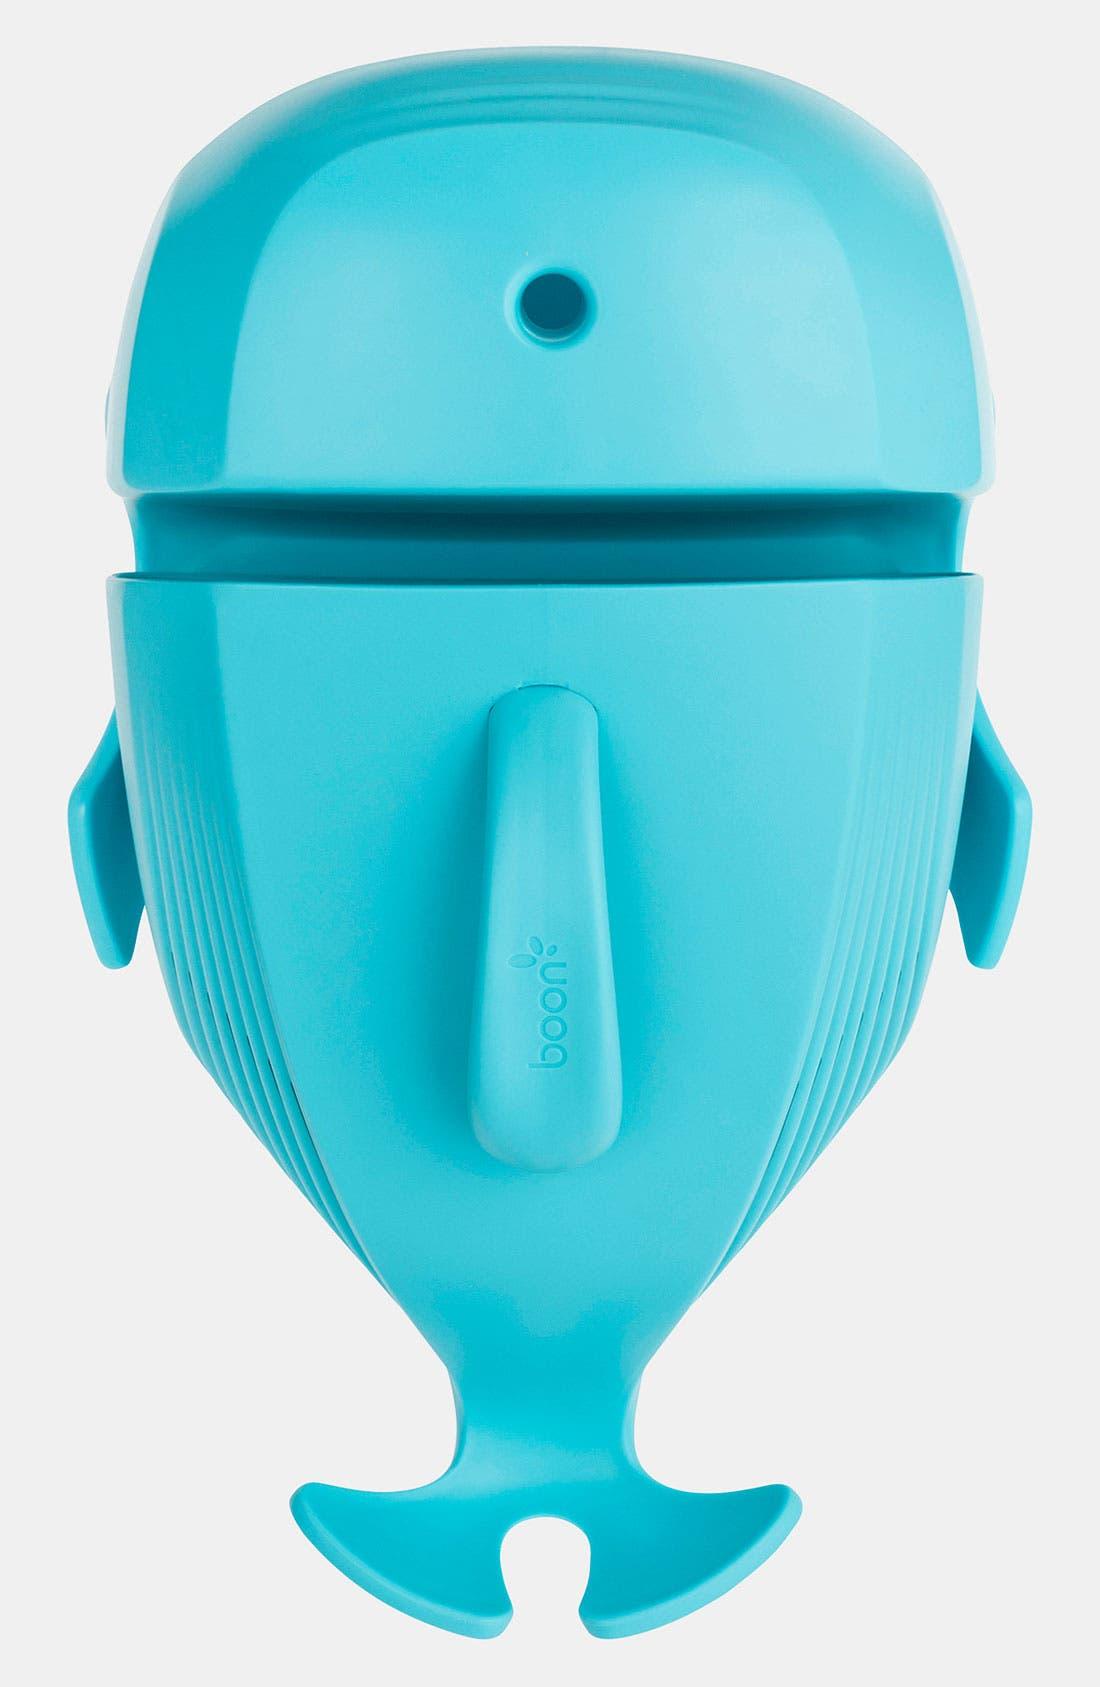 Boon Bath 'Scoop Drain' Toy Storage